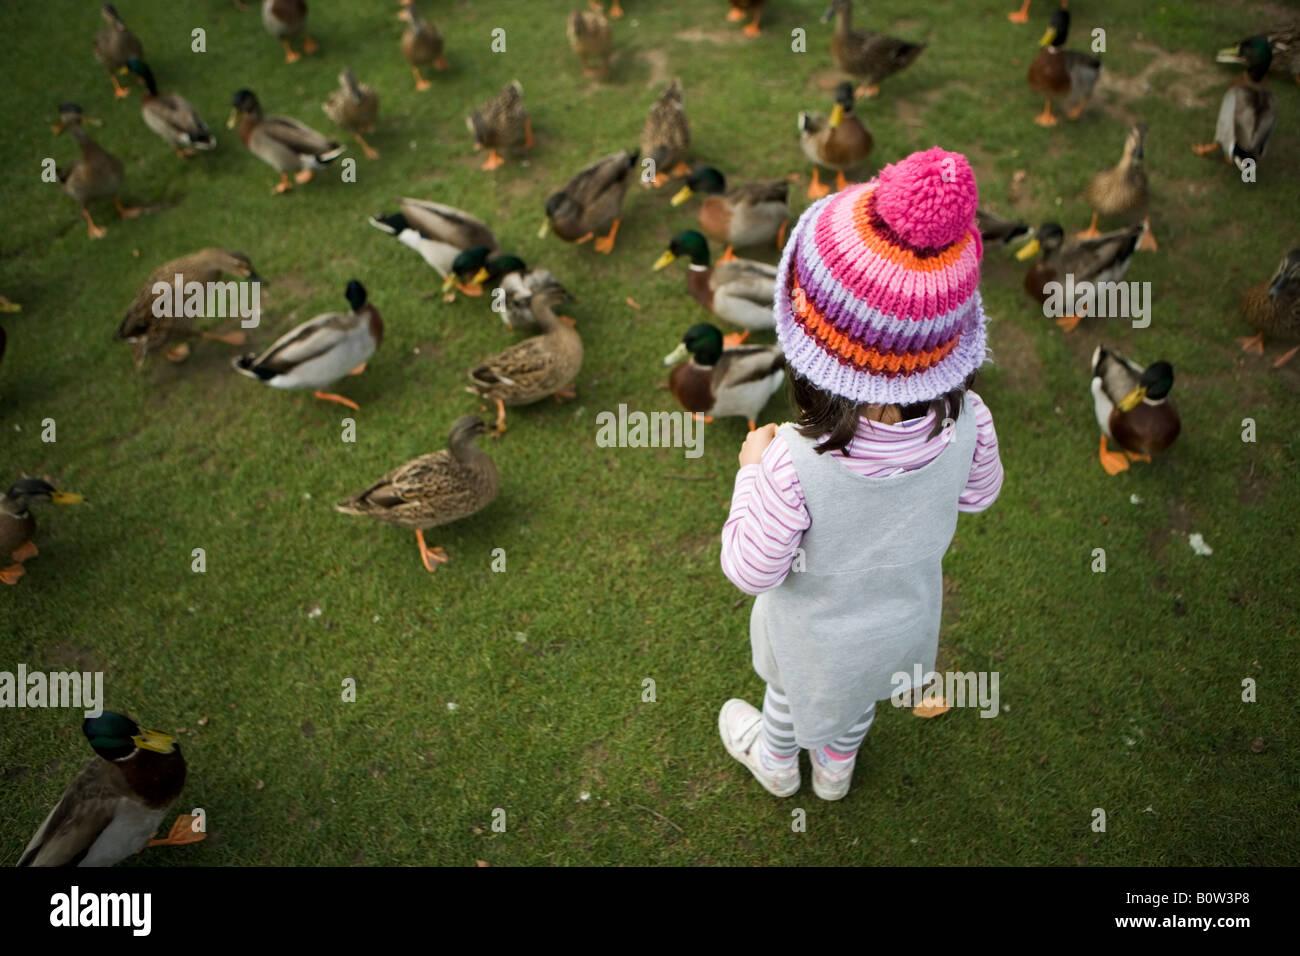 Fille parmi les canards avec woollen bobble hat Photo Stock